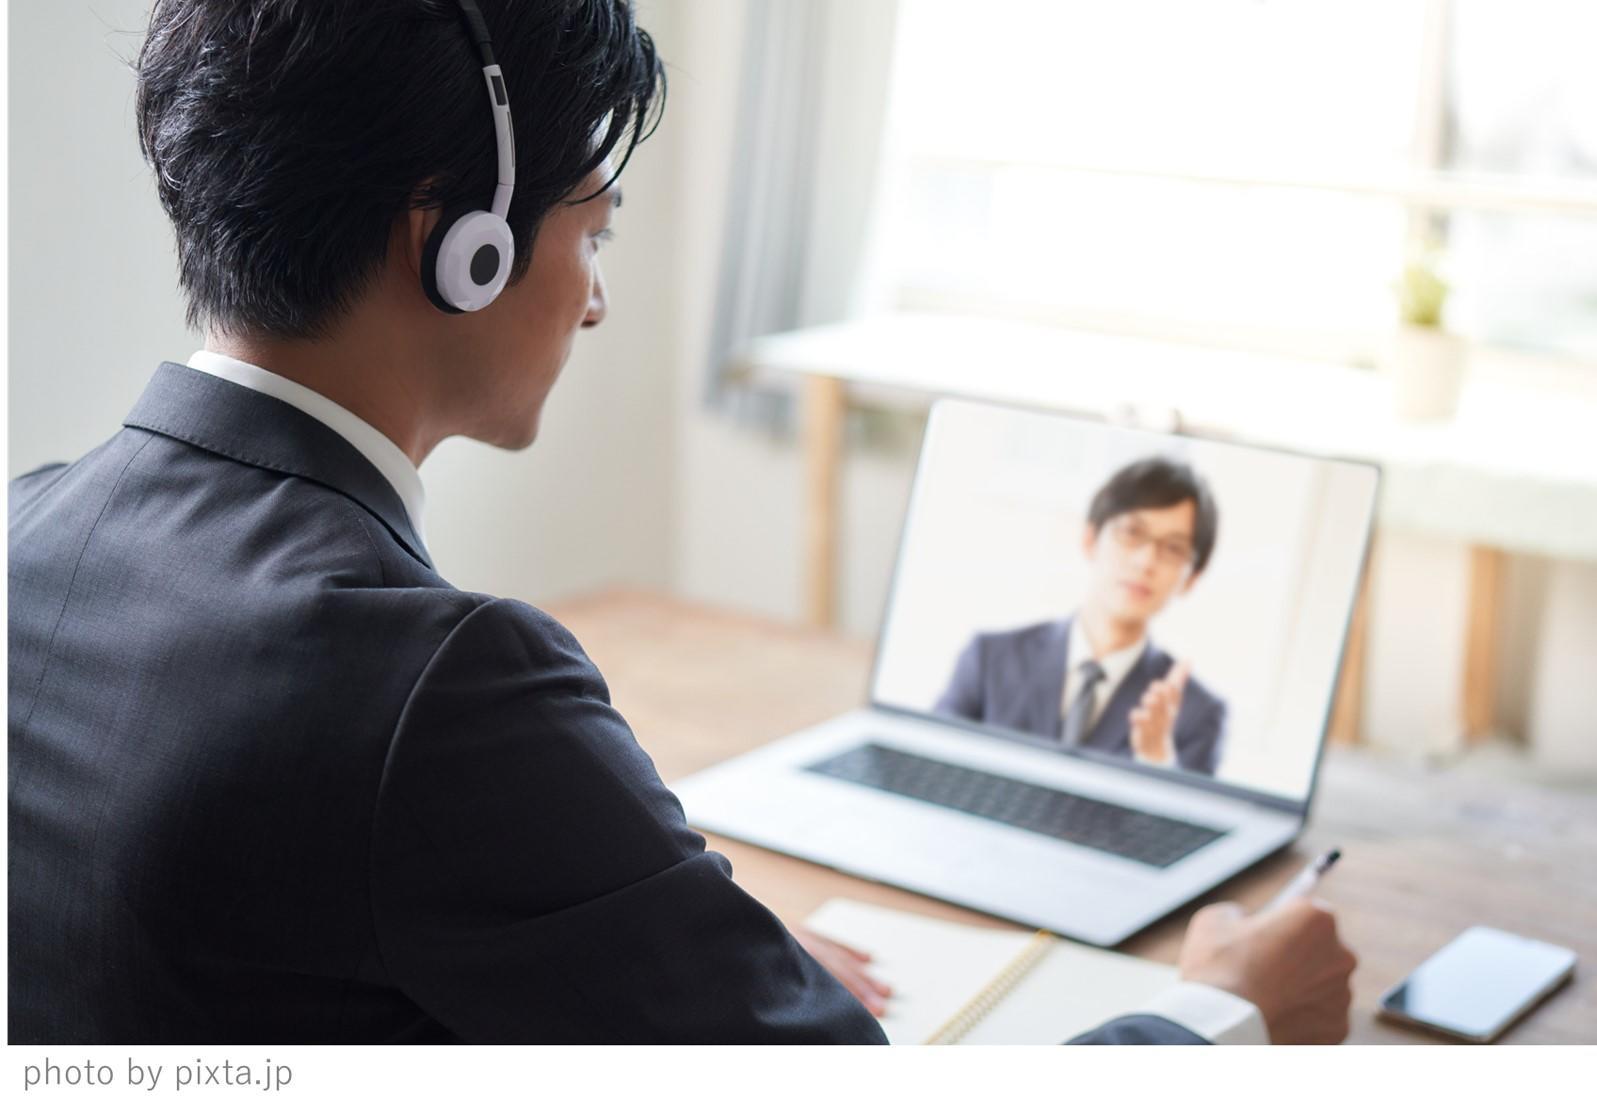 【武蔵野大学】就活生の逆風を支えるキャリア支援 全国55社による「オンライン企業セミナー」を2月1日~18日まで開催